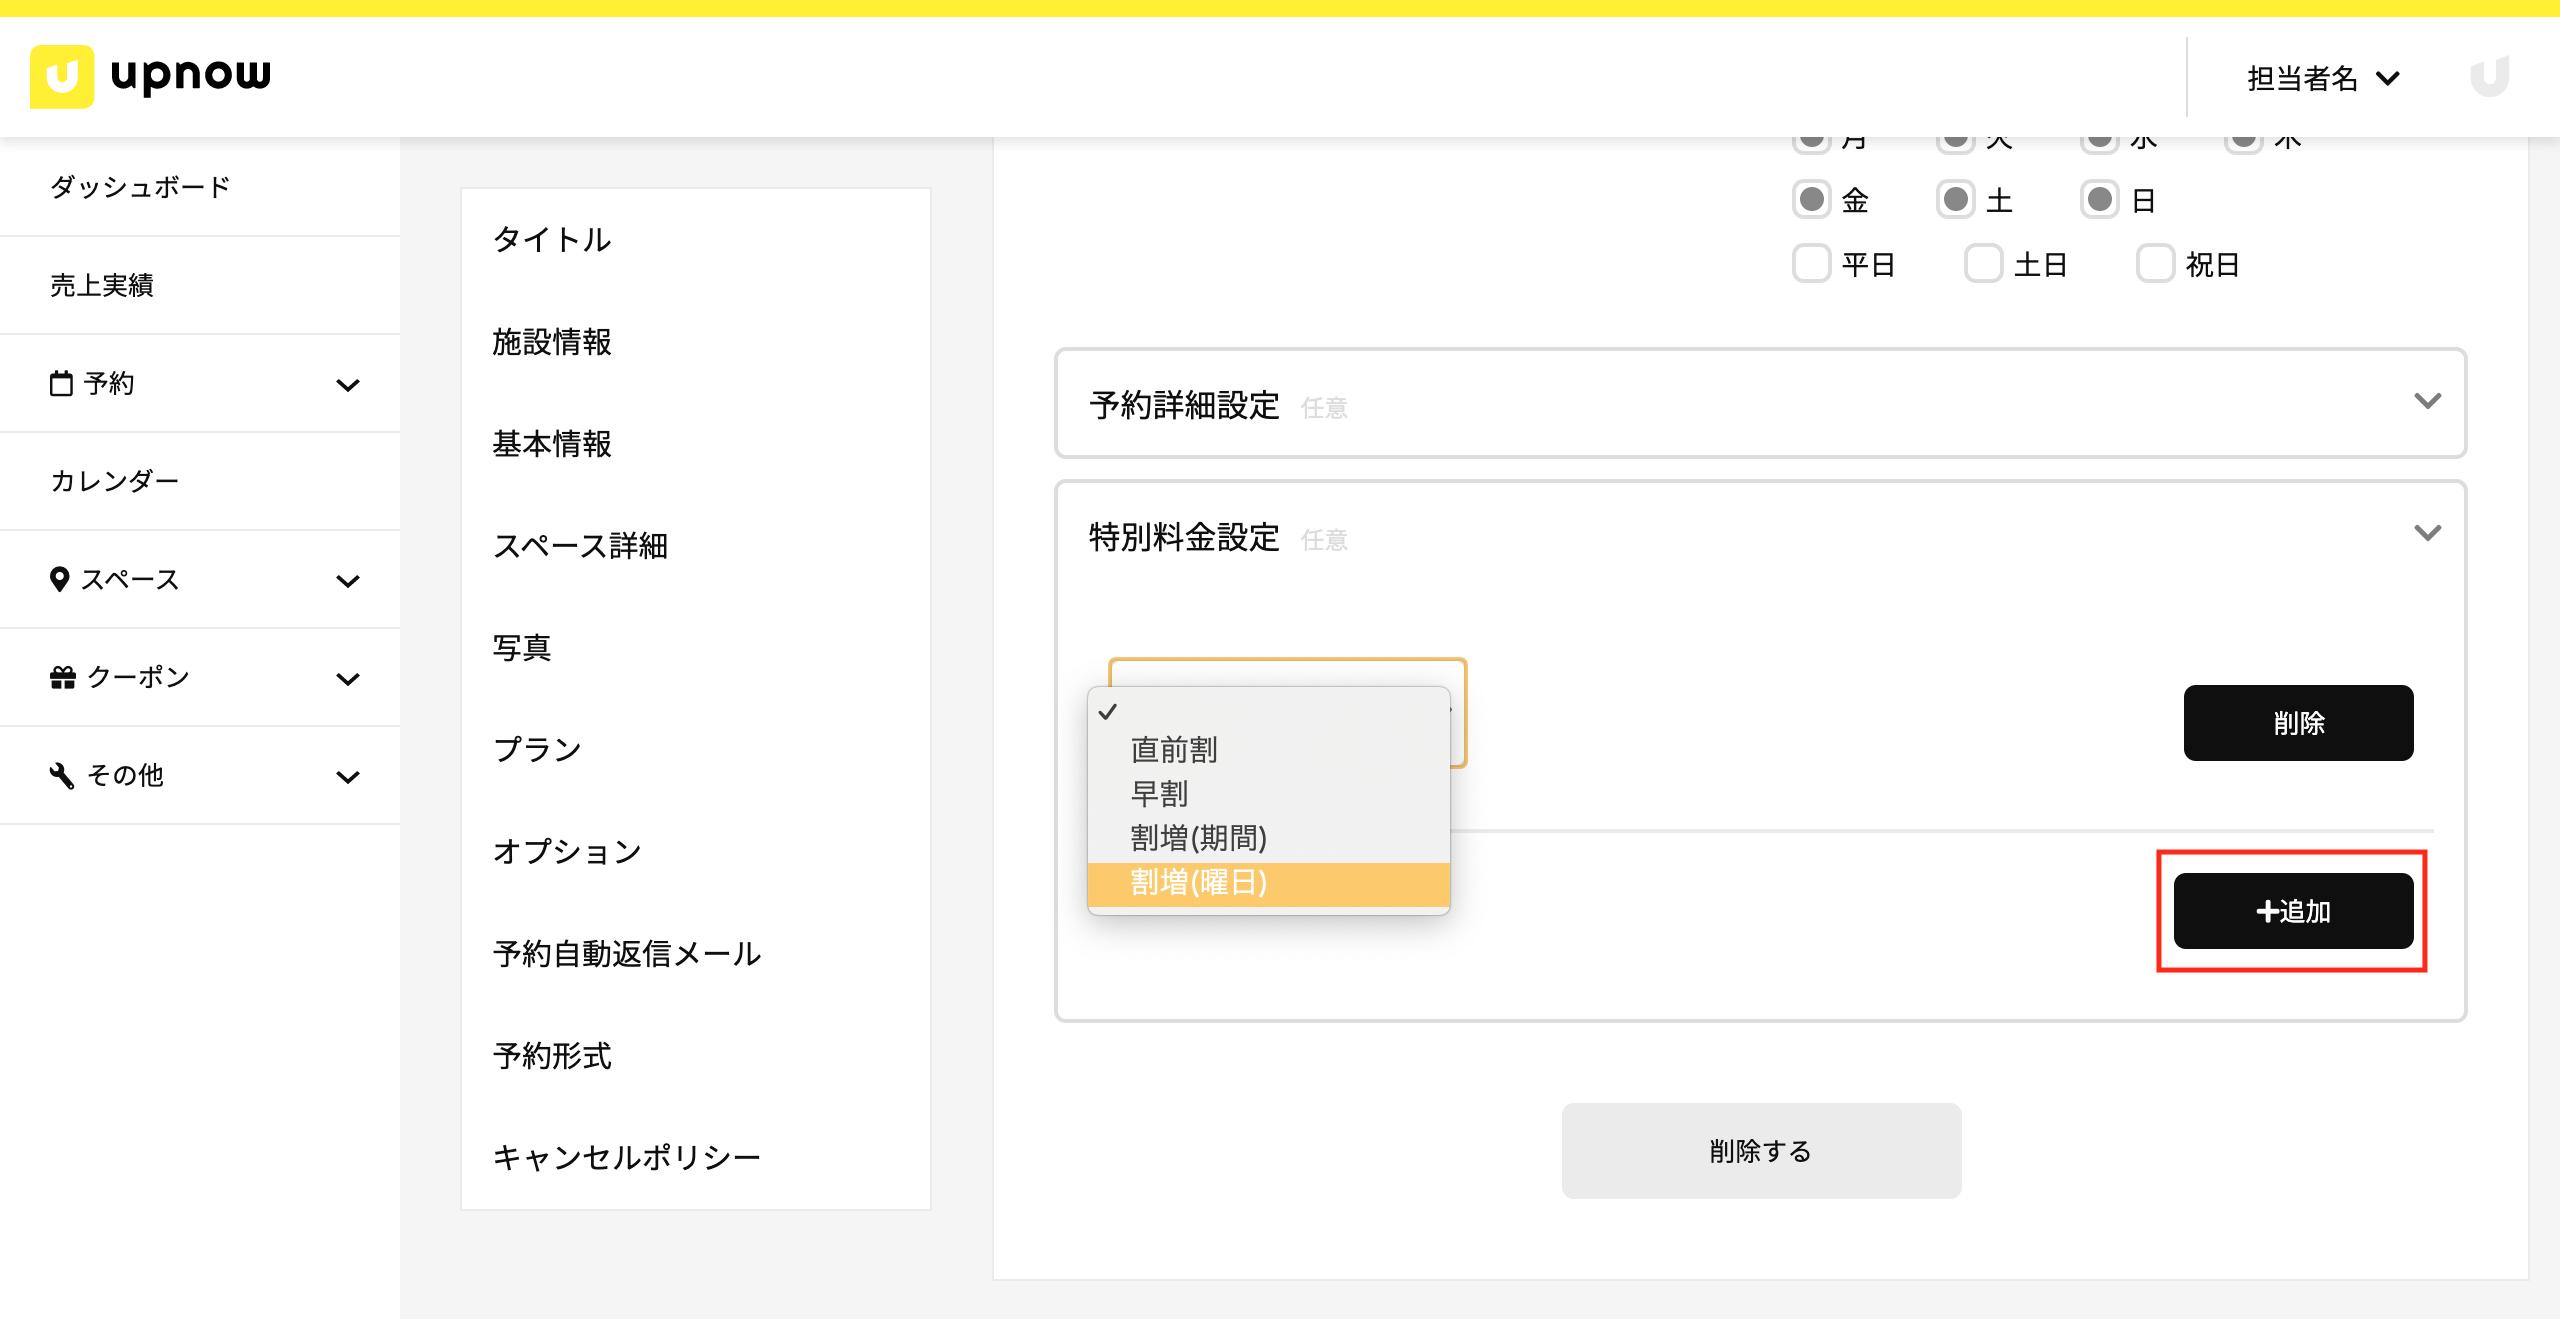 スクリーンショット 2020-07-20 9.37.29.png